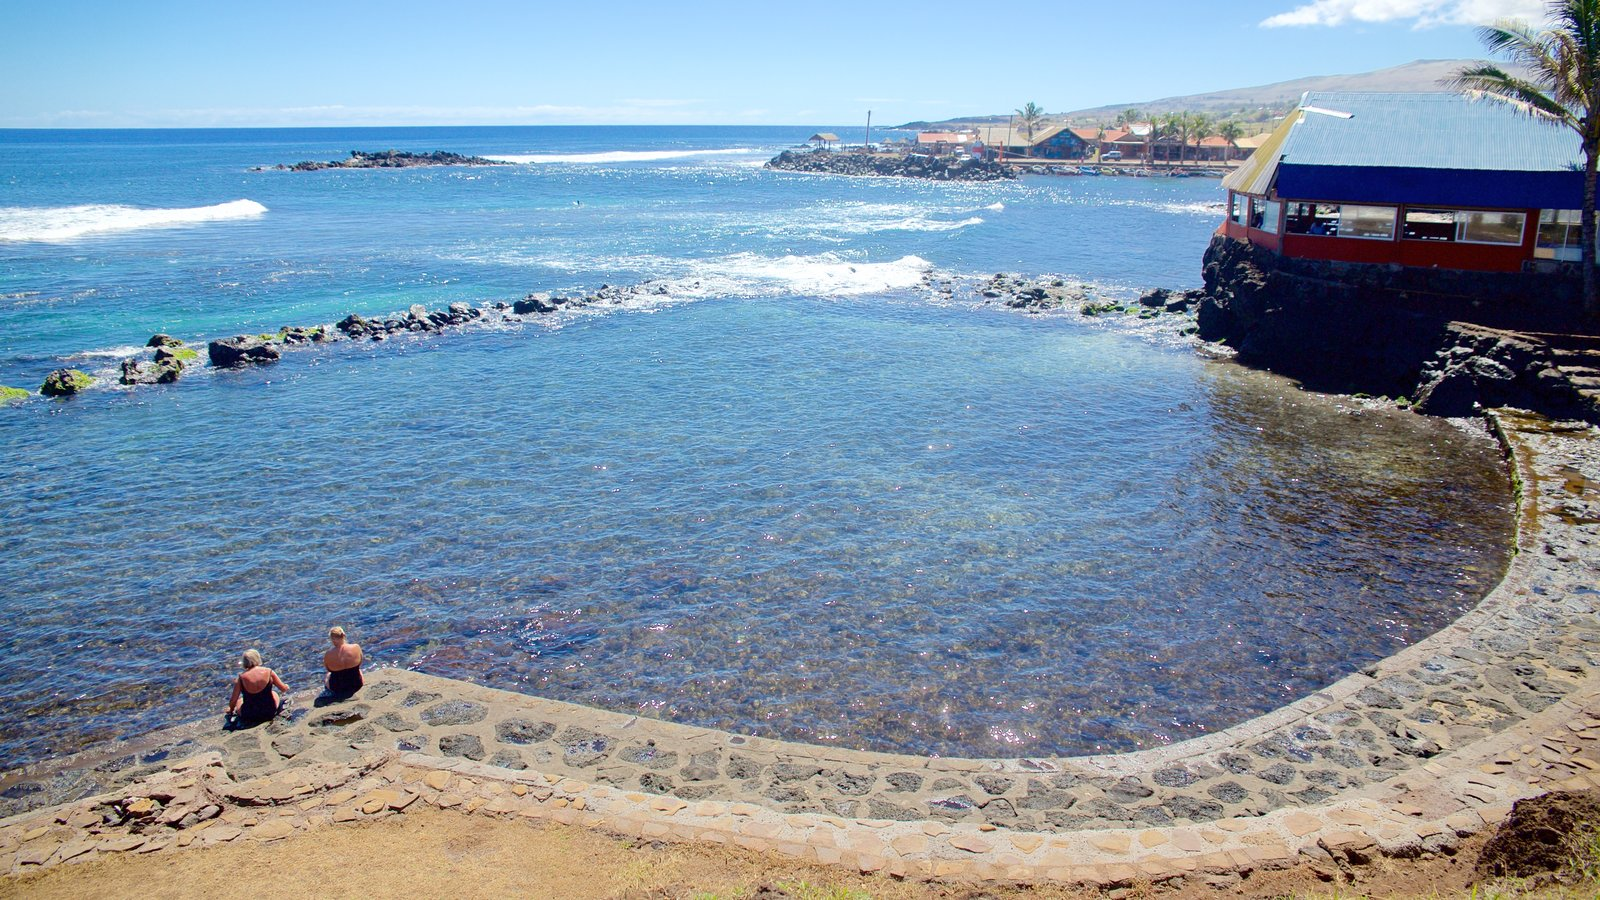 Hanga Roa ofreciendo vistas generales de la costa